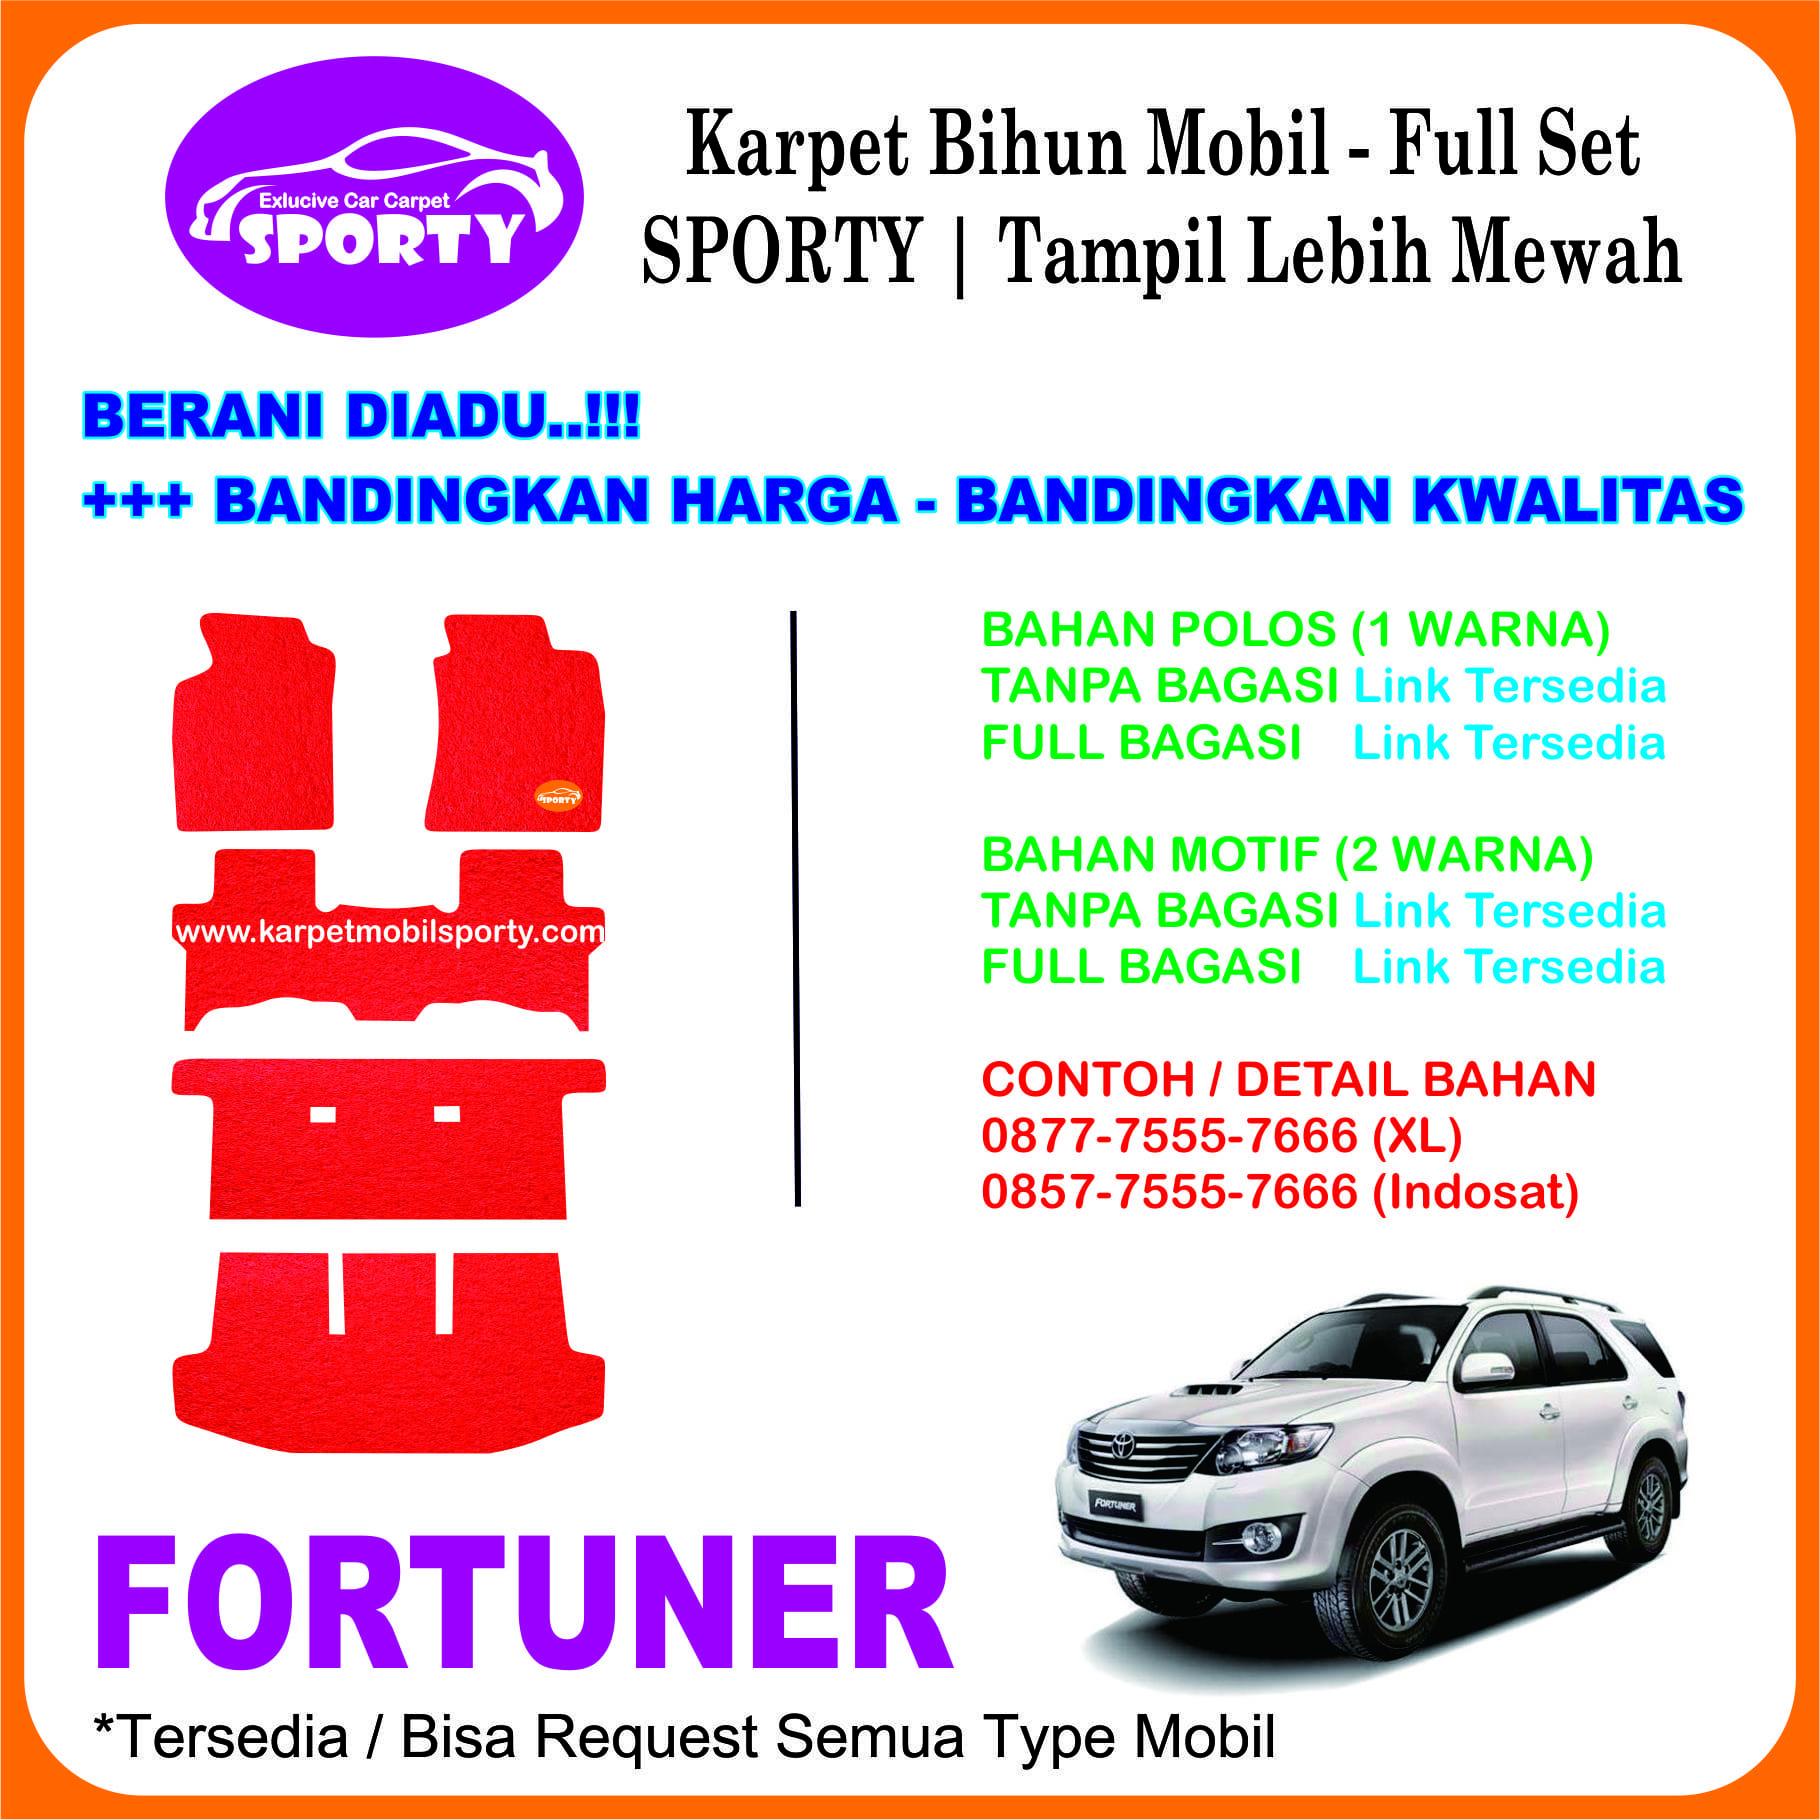 Karpet Mobil Mie Bihun FORTUNER Non Bagasi